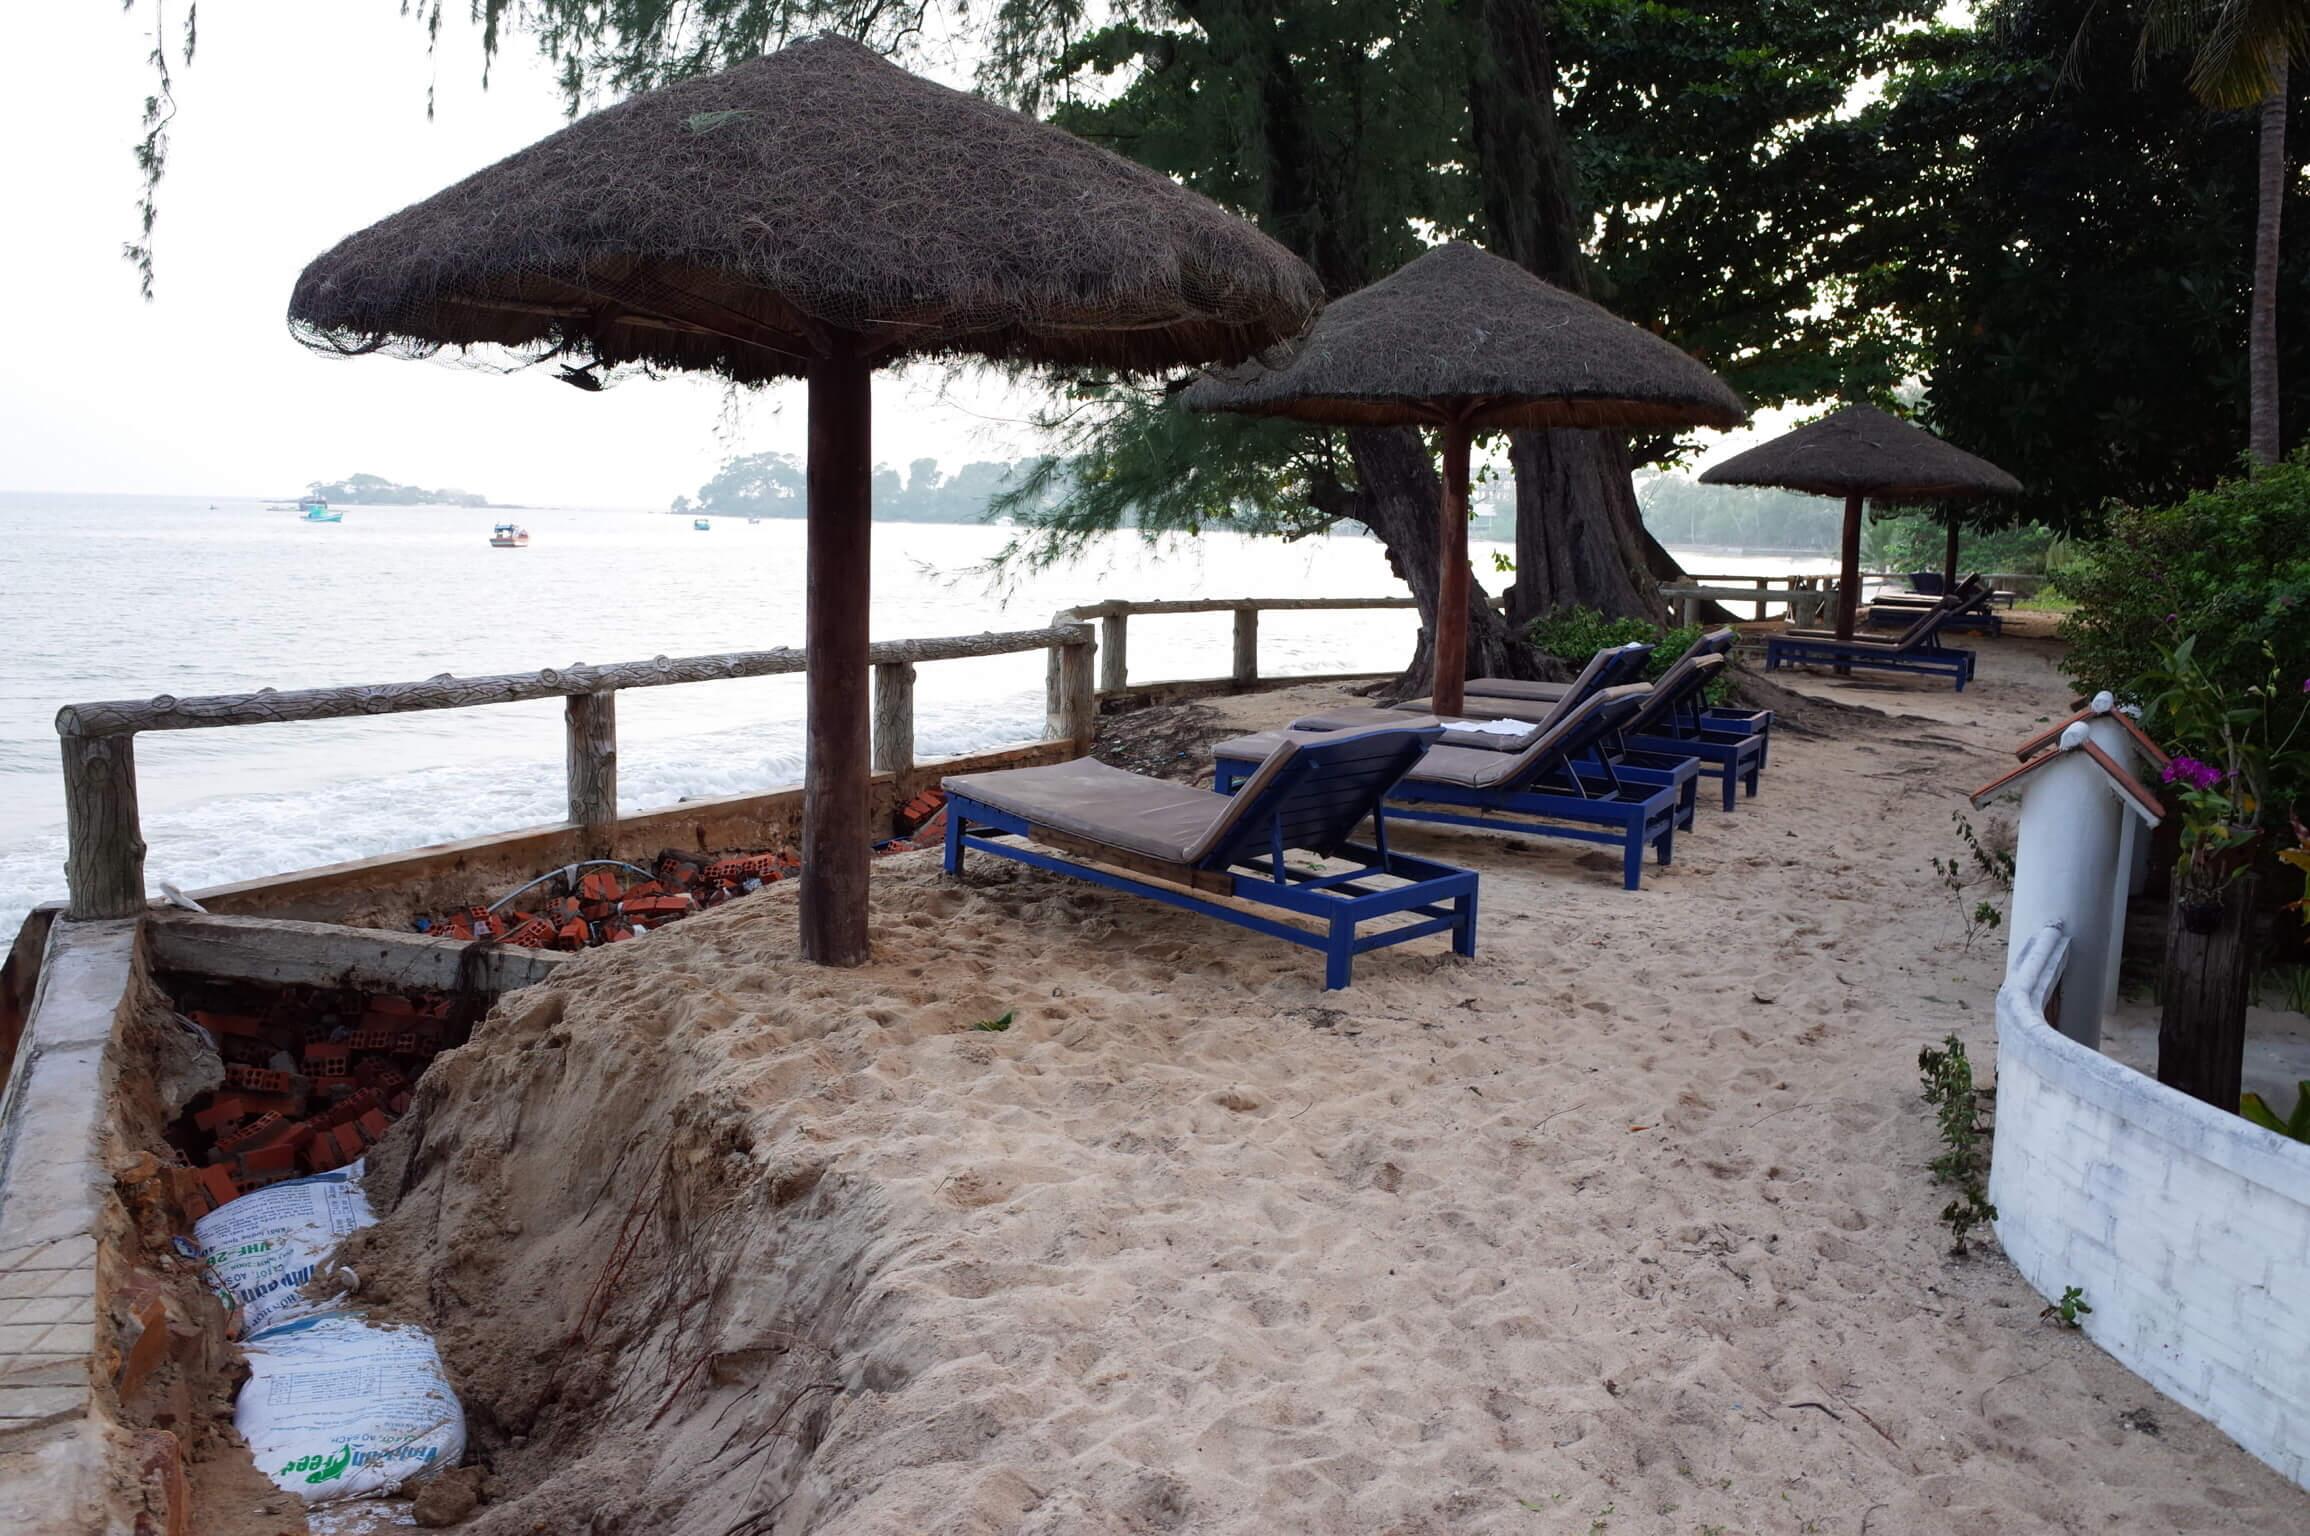 フーコック旅行まとめ 2015年9月版 ベトナム最後の秘境は楽園でした。絶対また行くぜ!